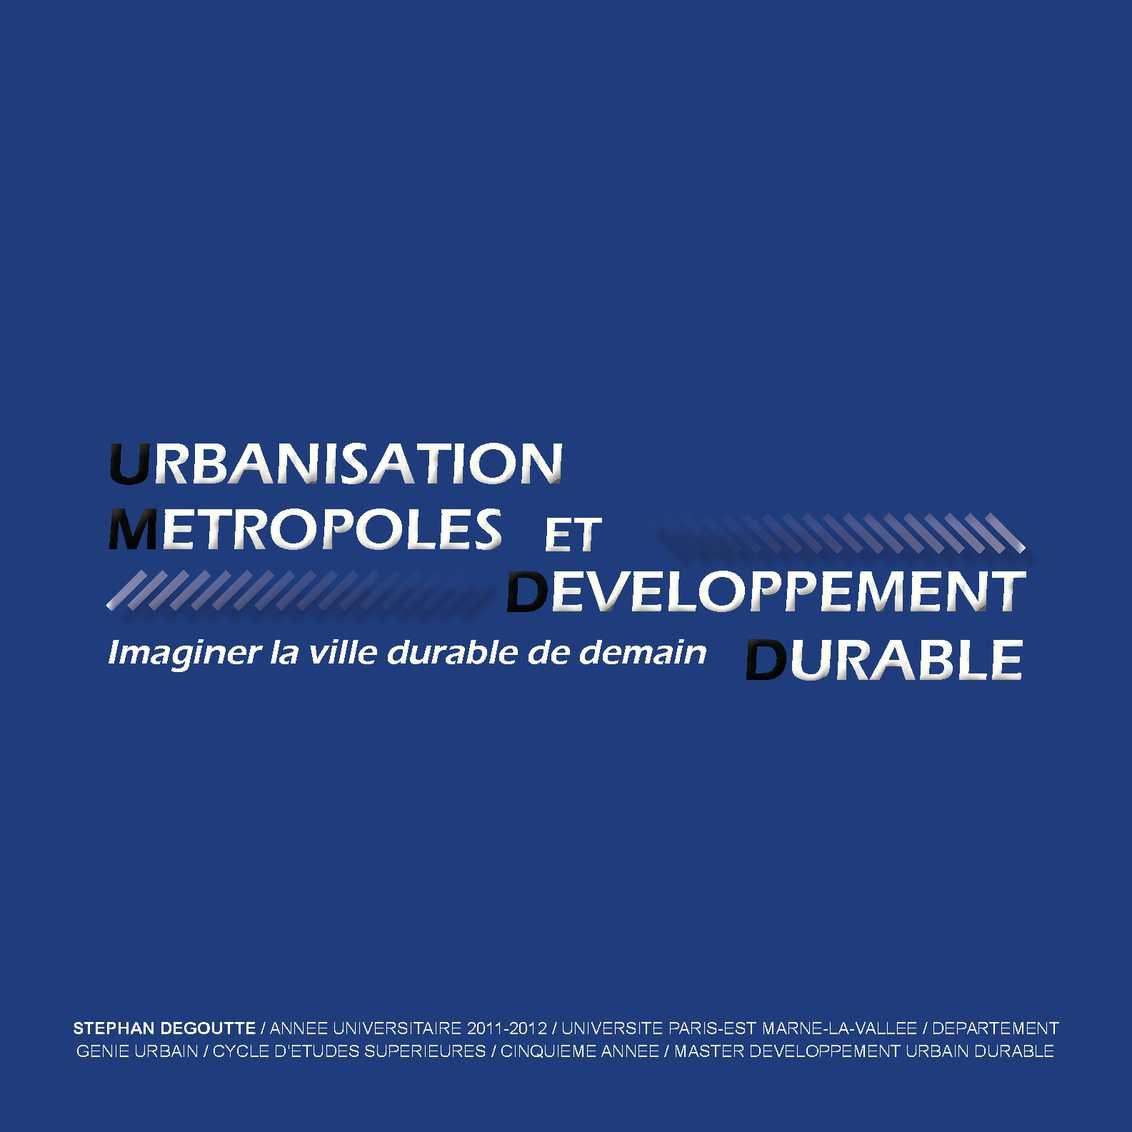 Urbanisation, Métropoles et Développement Durable, Imaginer la ville de demain